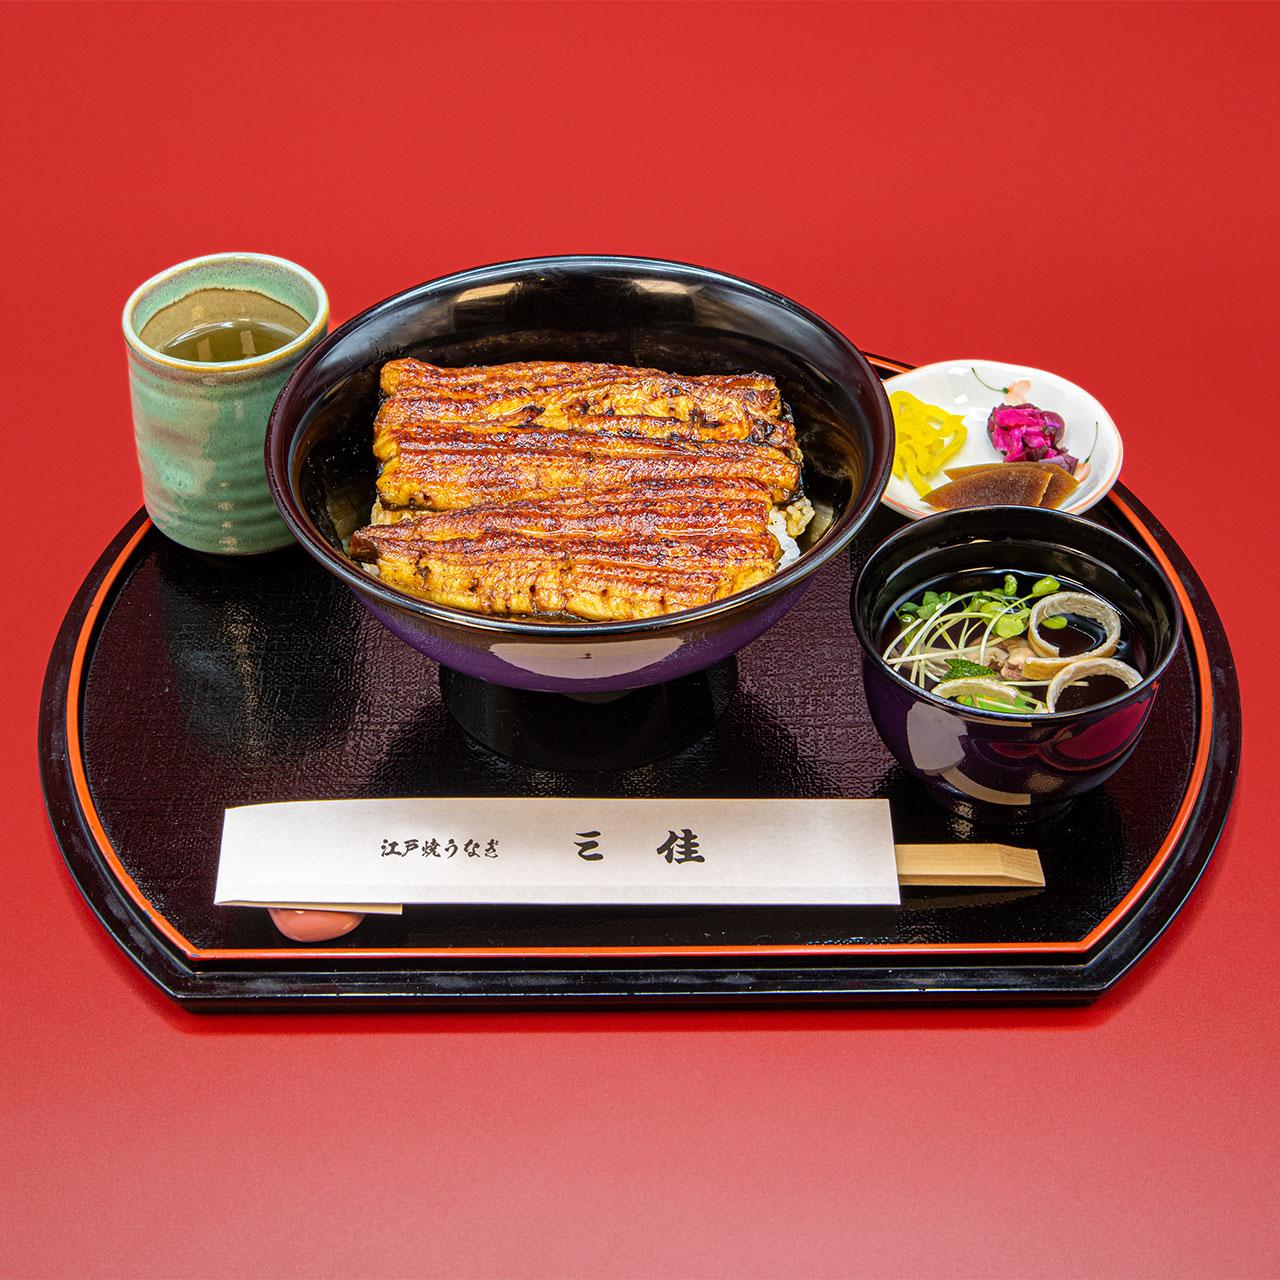 うなぎ丼フル(きも吸付)4,600円